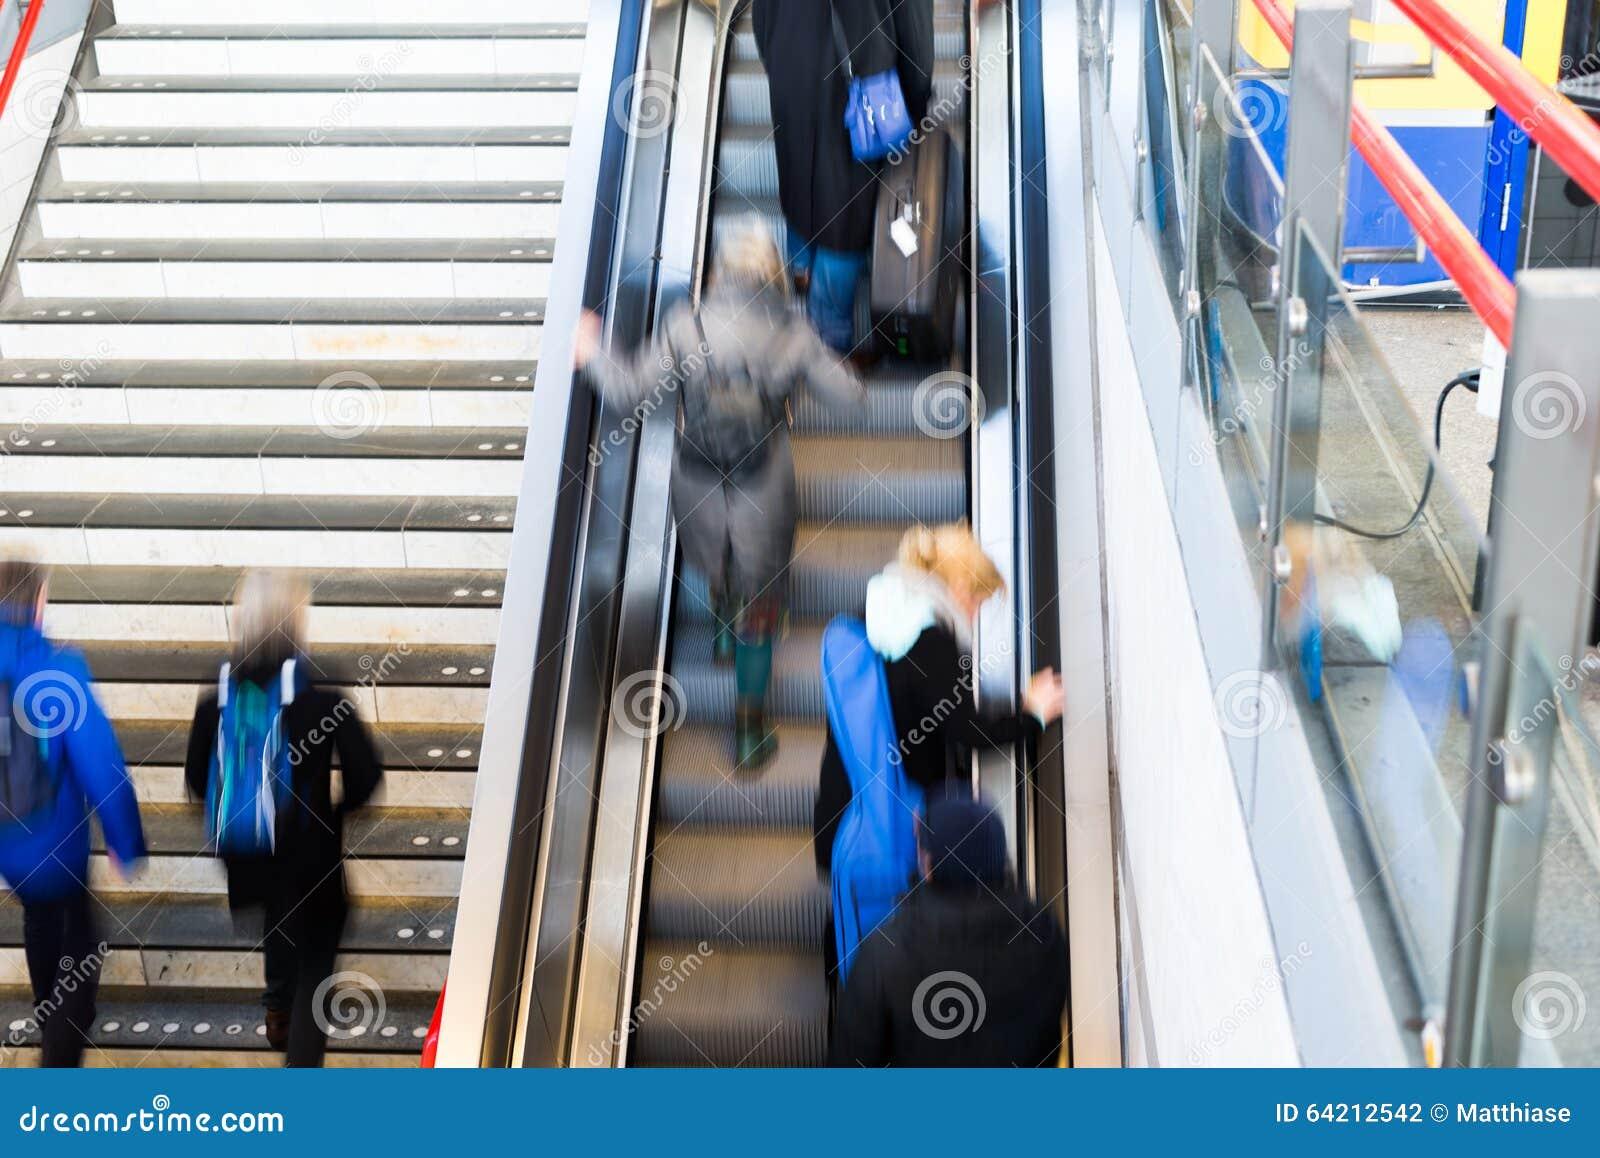 Gente ocupada de la estación de tren de la hora punta